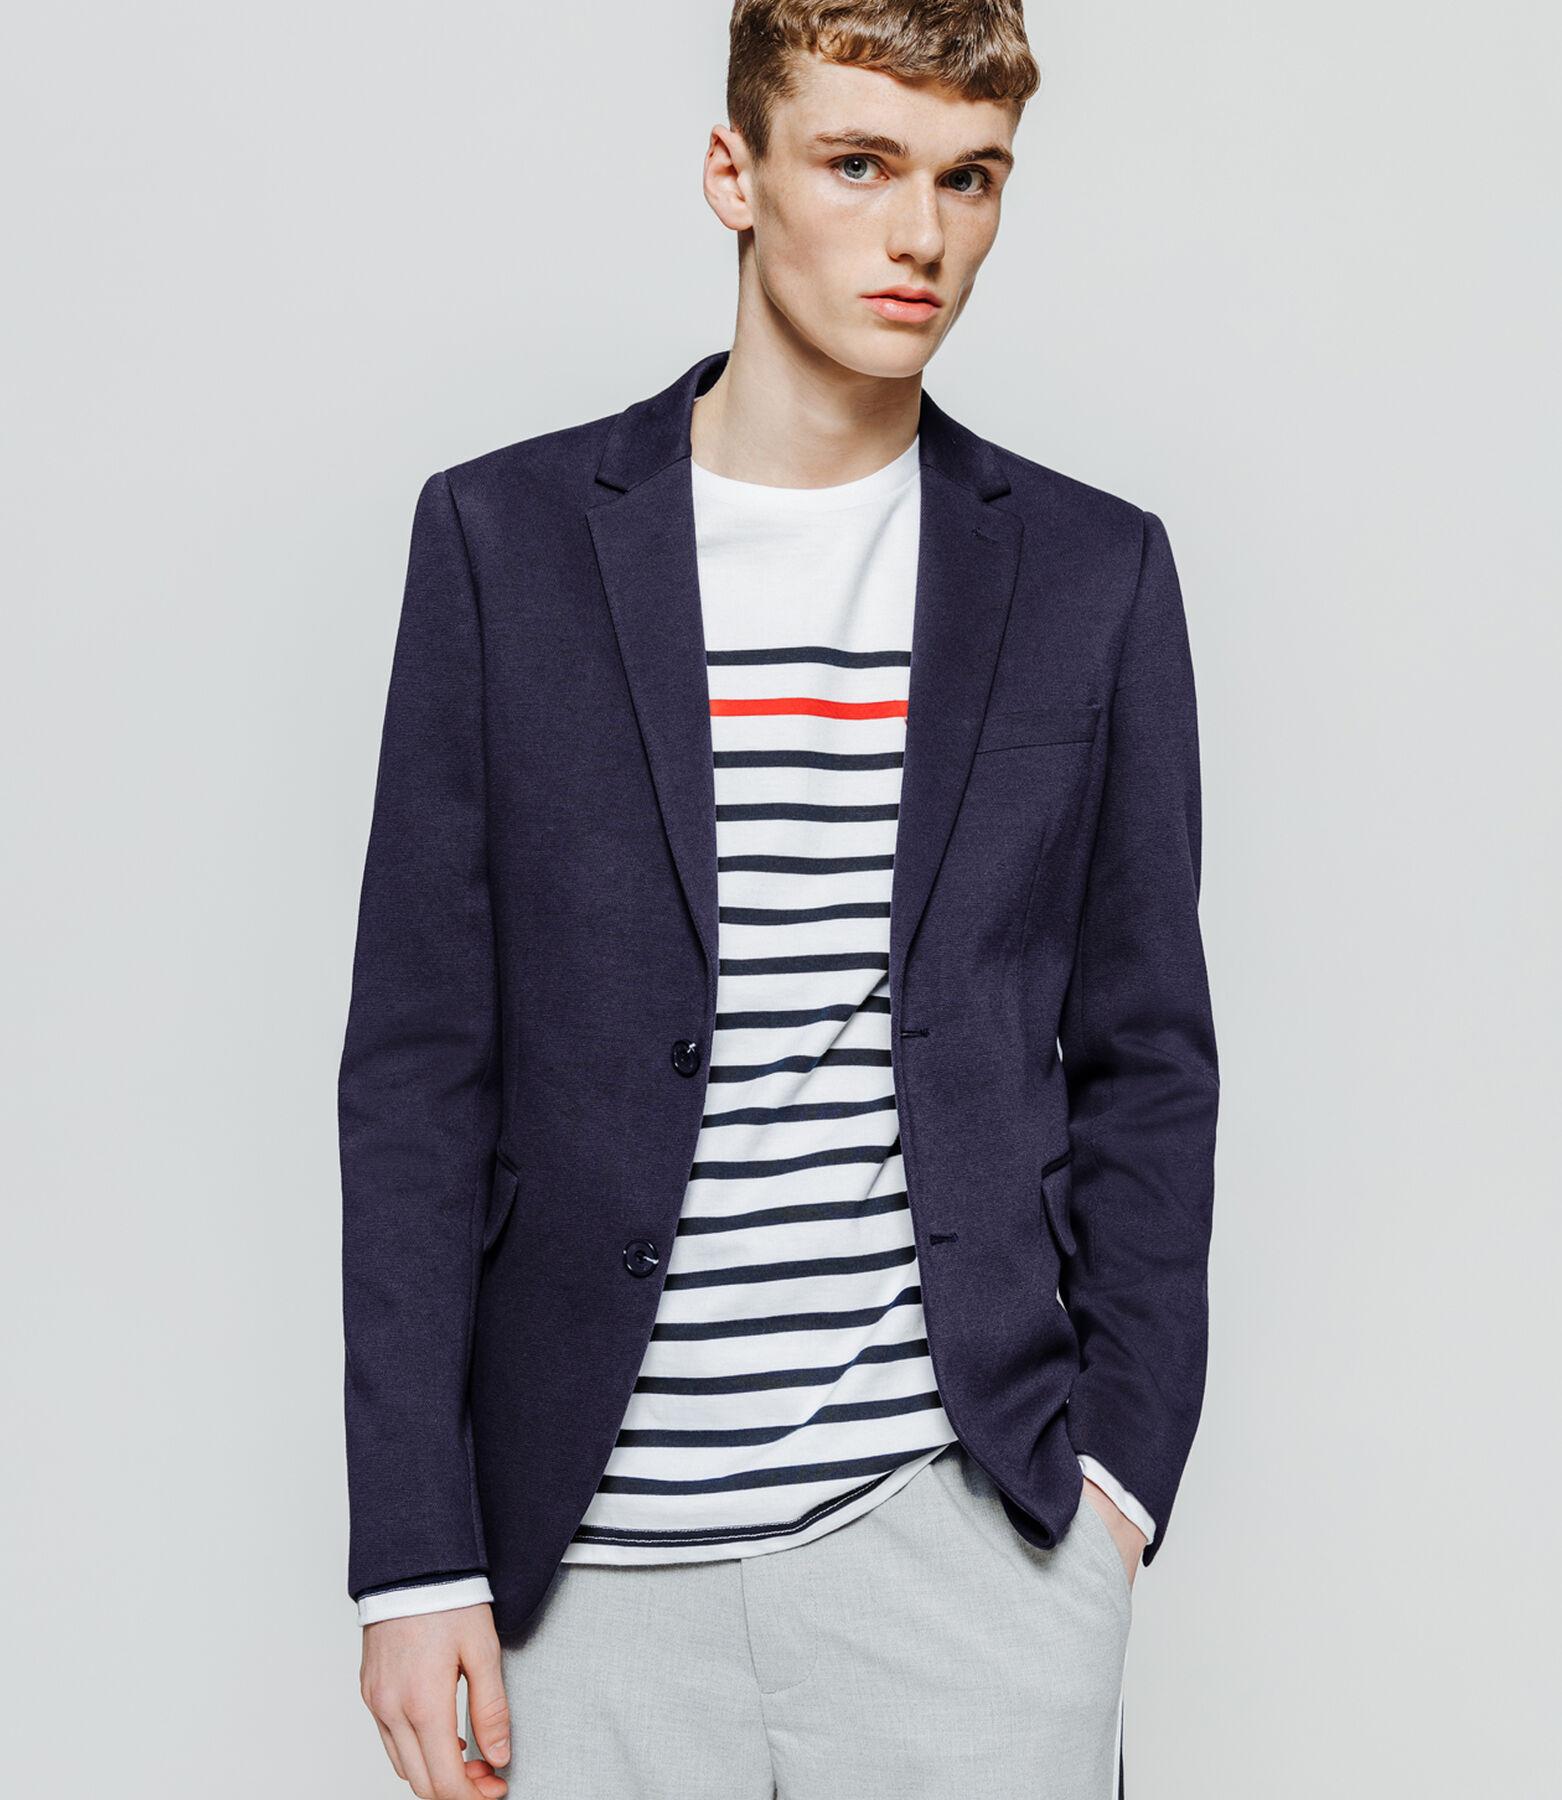 Veste de costume coupe droite coton stretch